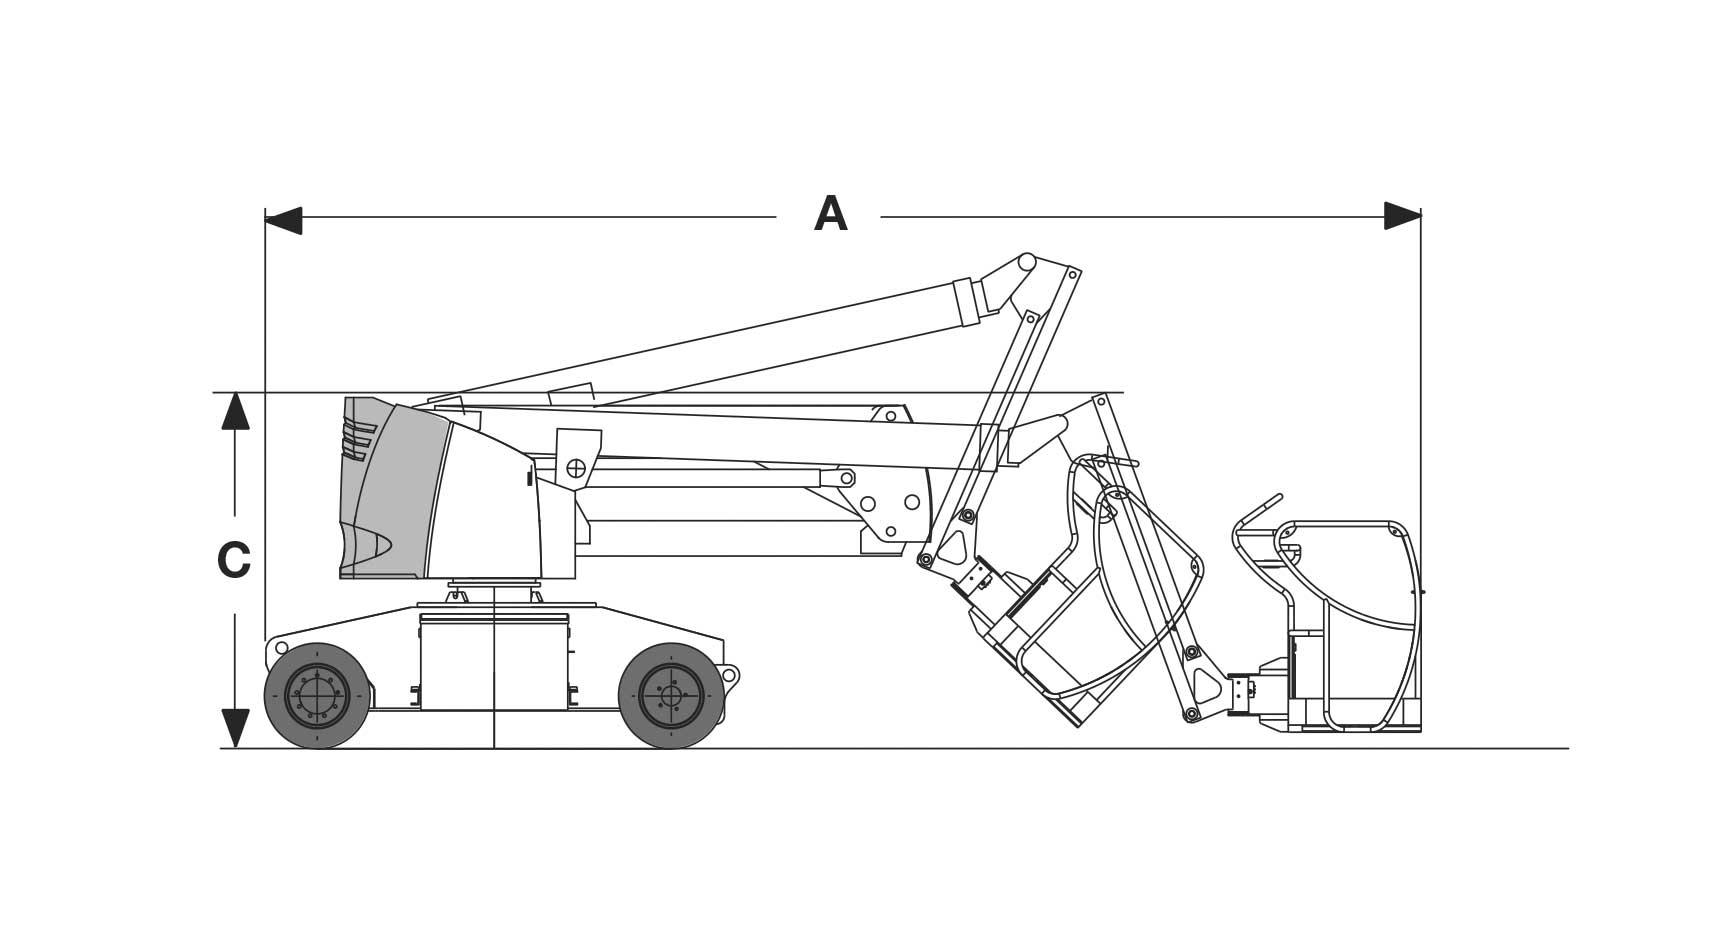 Piattaforma aerea articolata elettrica AE13_1